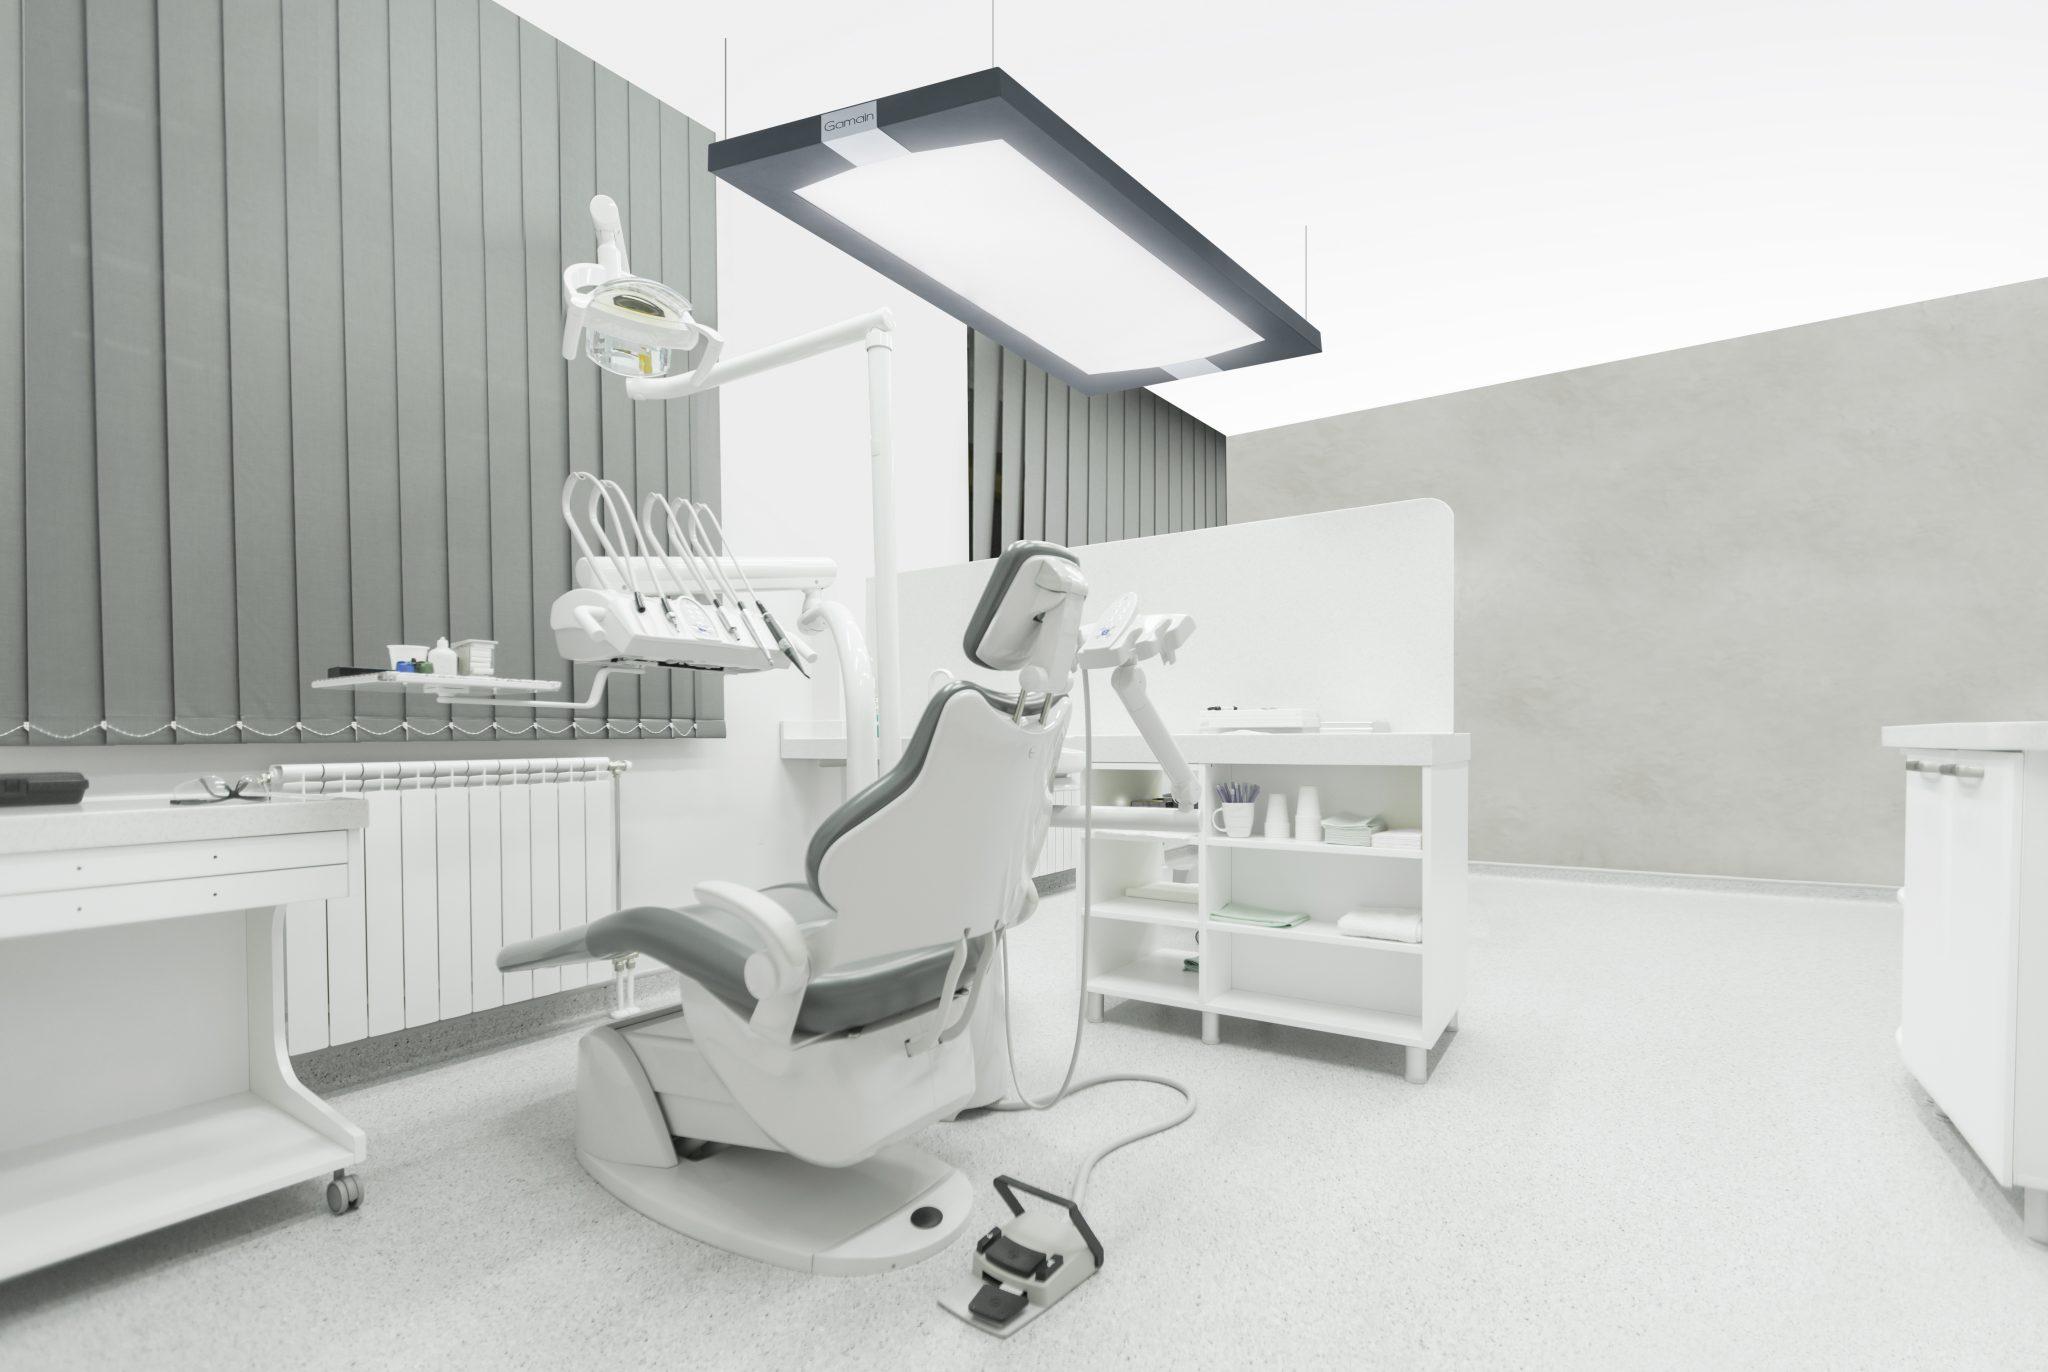 Gamain distribuée par sigma net santé